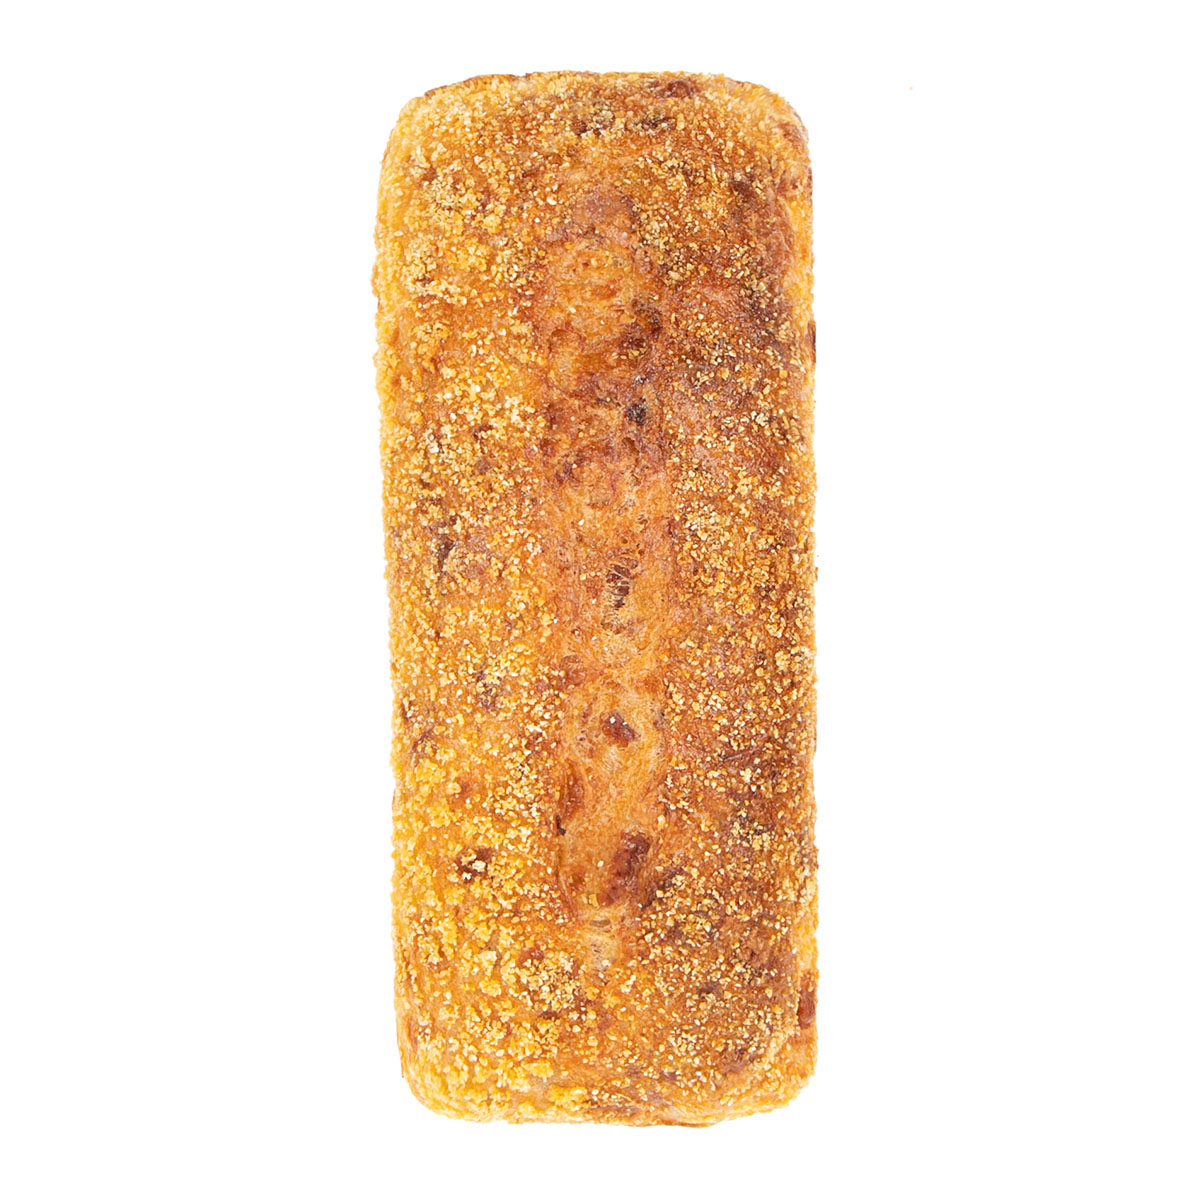 Хлеб с пармезаном и луком